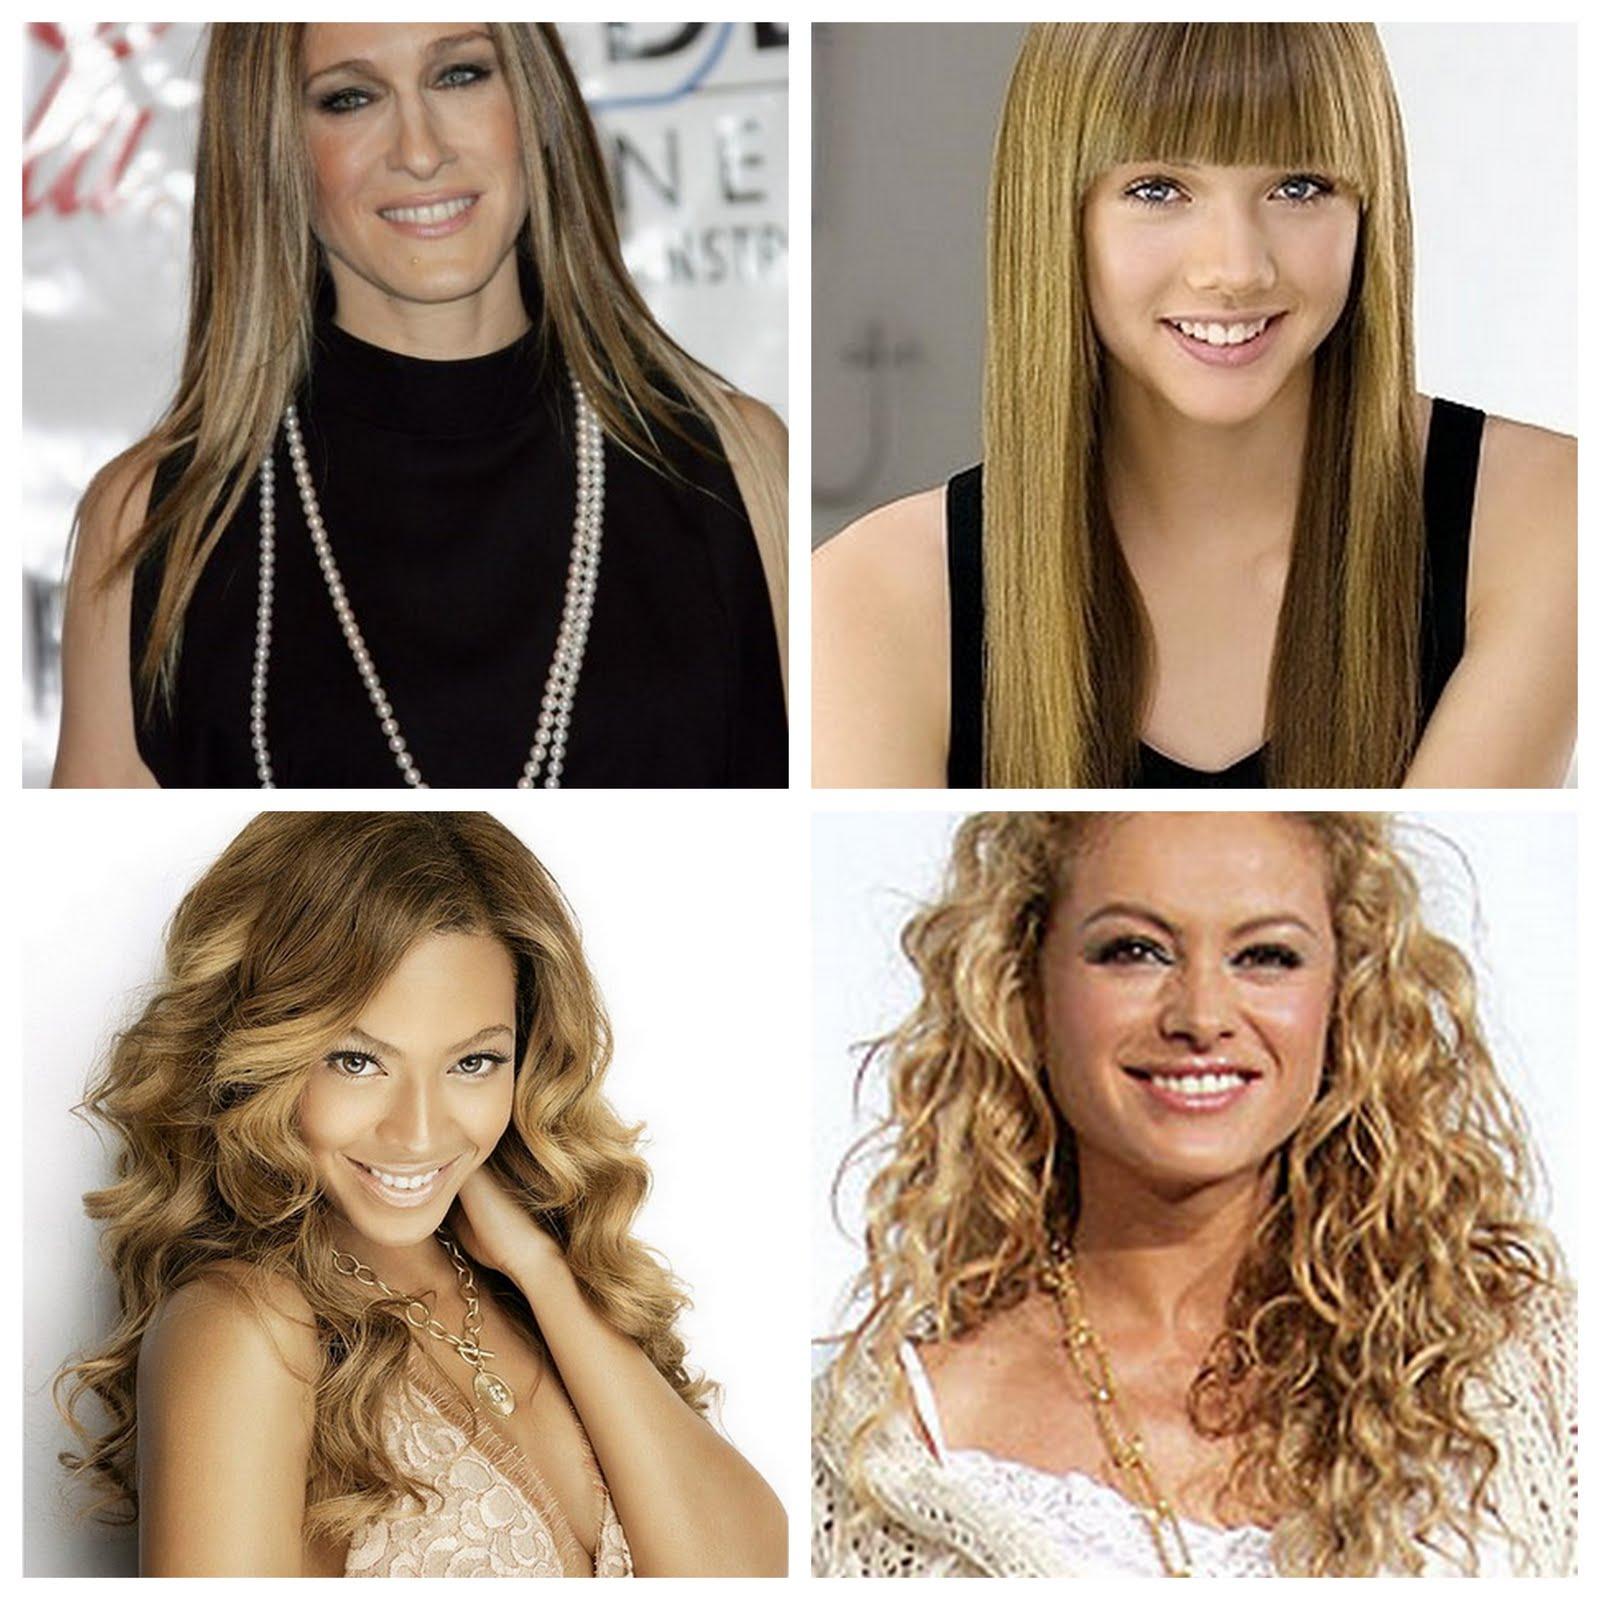 http://3.bp.blogspot.com/-LSQ0AM1QG1Y/TkaFpEjXYMI/AAAAAAAAAKo/vnEzRXfLlg0/s1600/peinados.jpg